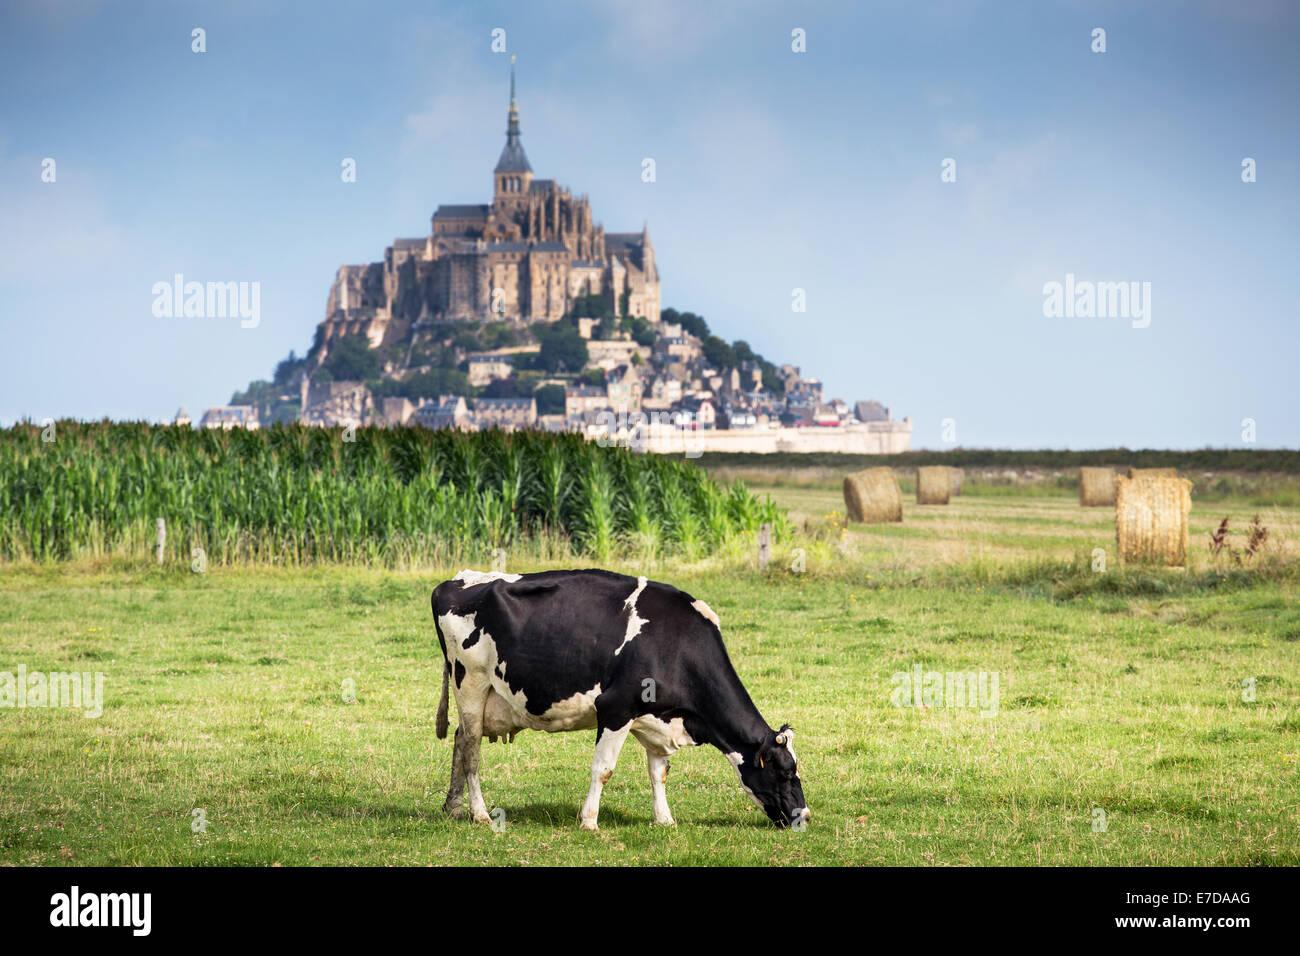 Bucht von Mont Saint Michel aufgeführt als UNESCO-Welterbe, Kuh auf der Weide und Mont Saint Michel im Hintergrund Stockbild